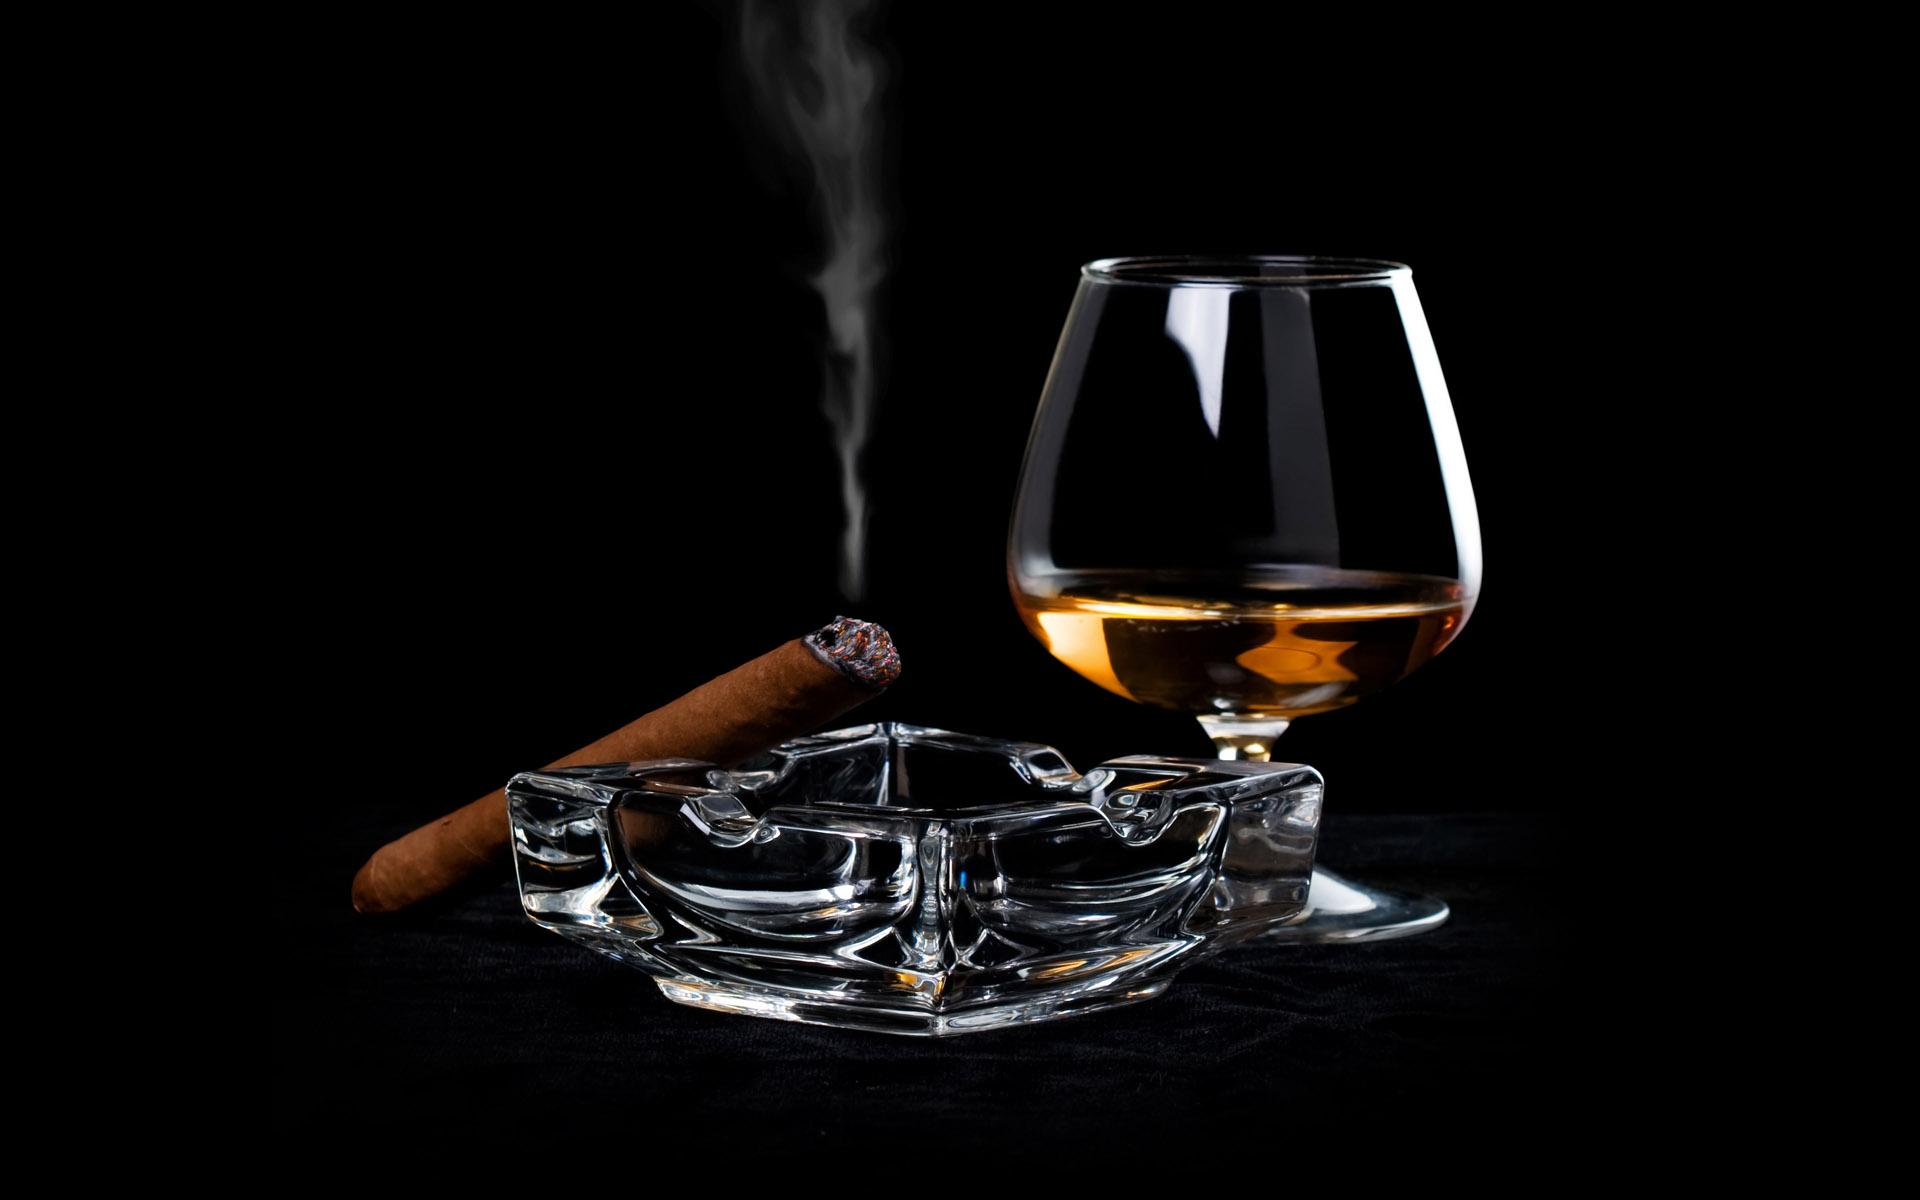 Una copa de Whisky y tabaco - 1920x1200